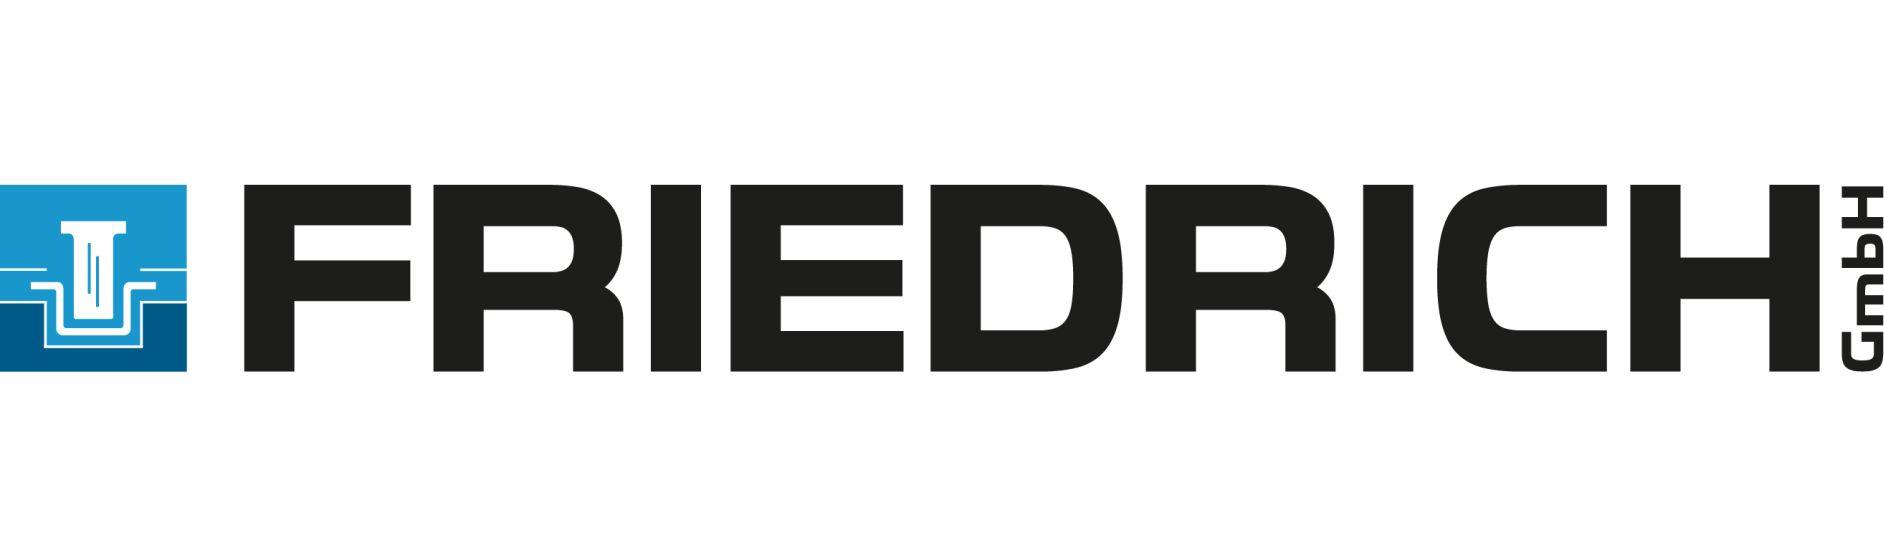 Friedrich GmbH – Edelstahl in Spitzenform.